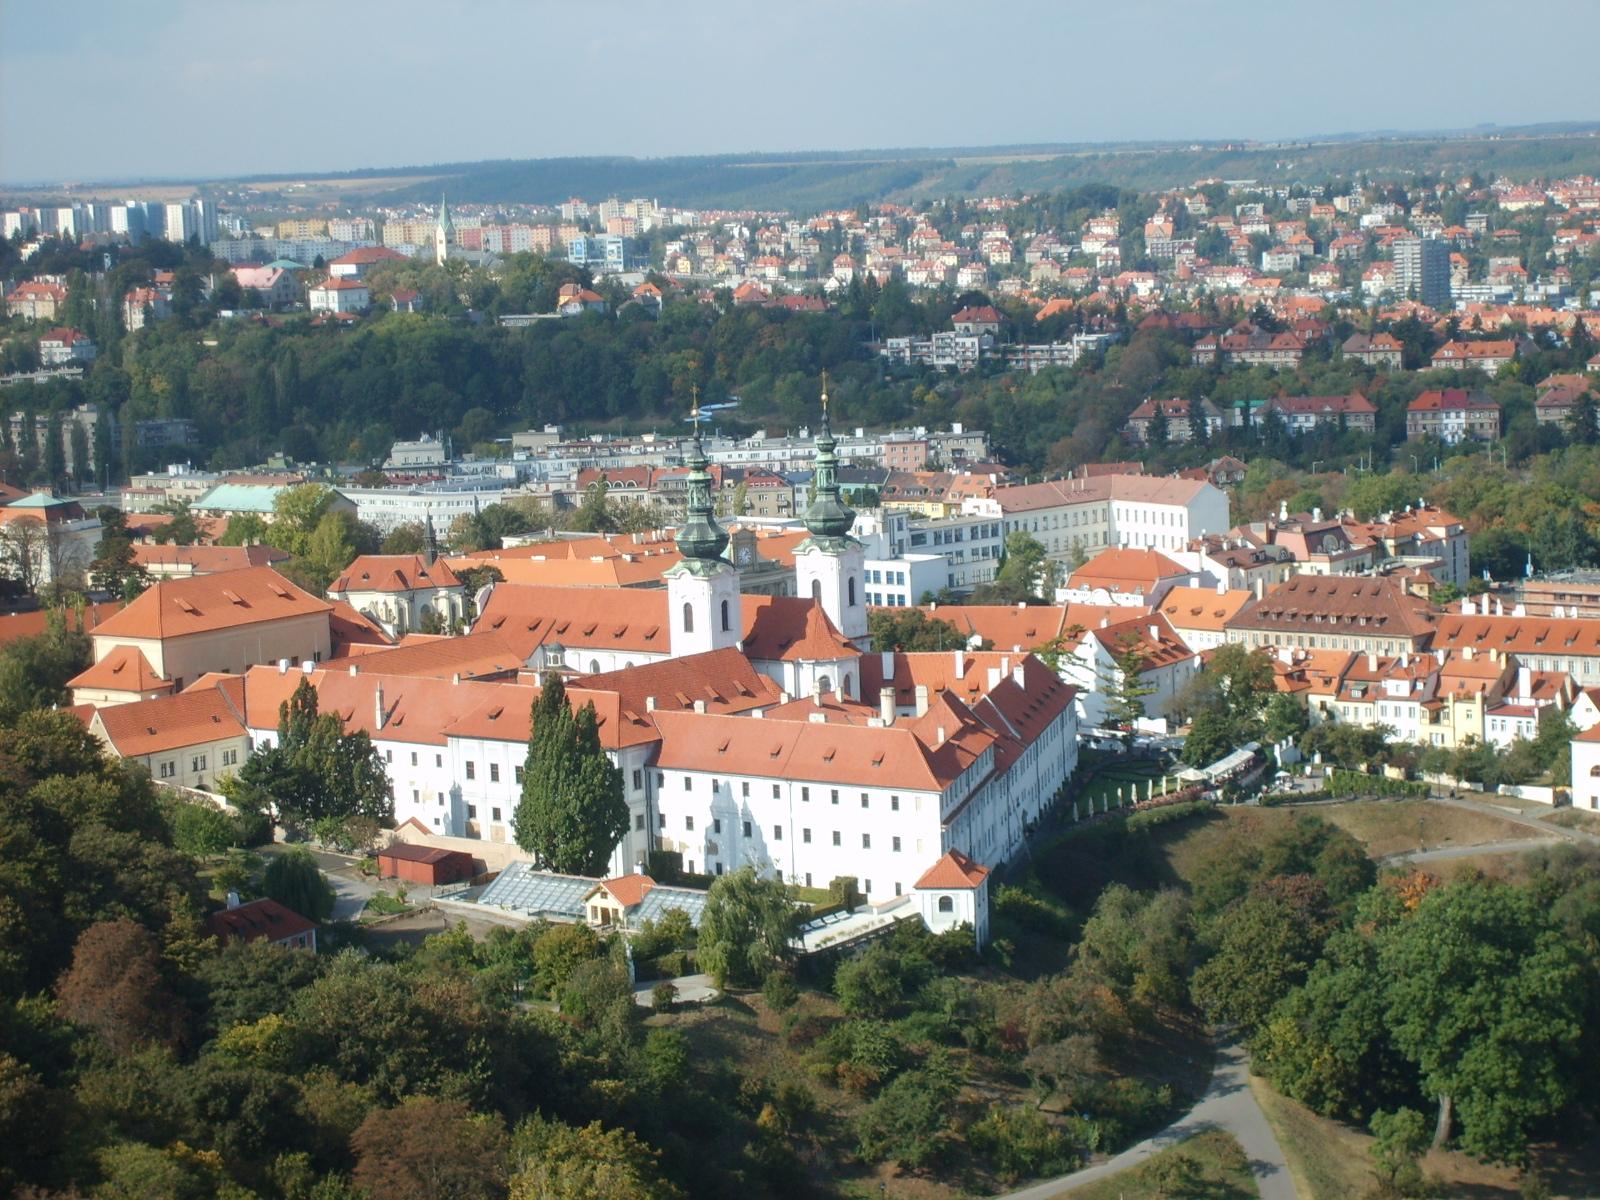 Strahovsky Klaster Praha File:strahovský Klášter z